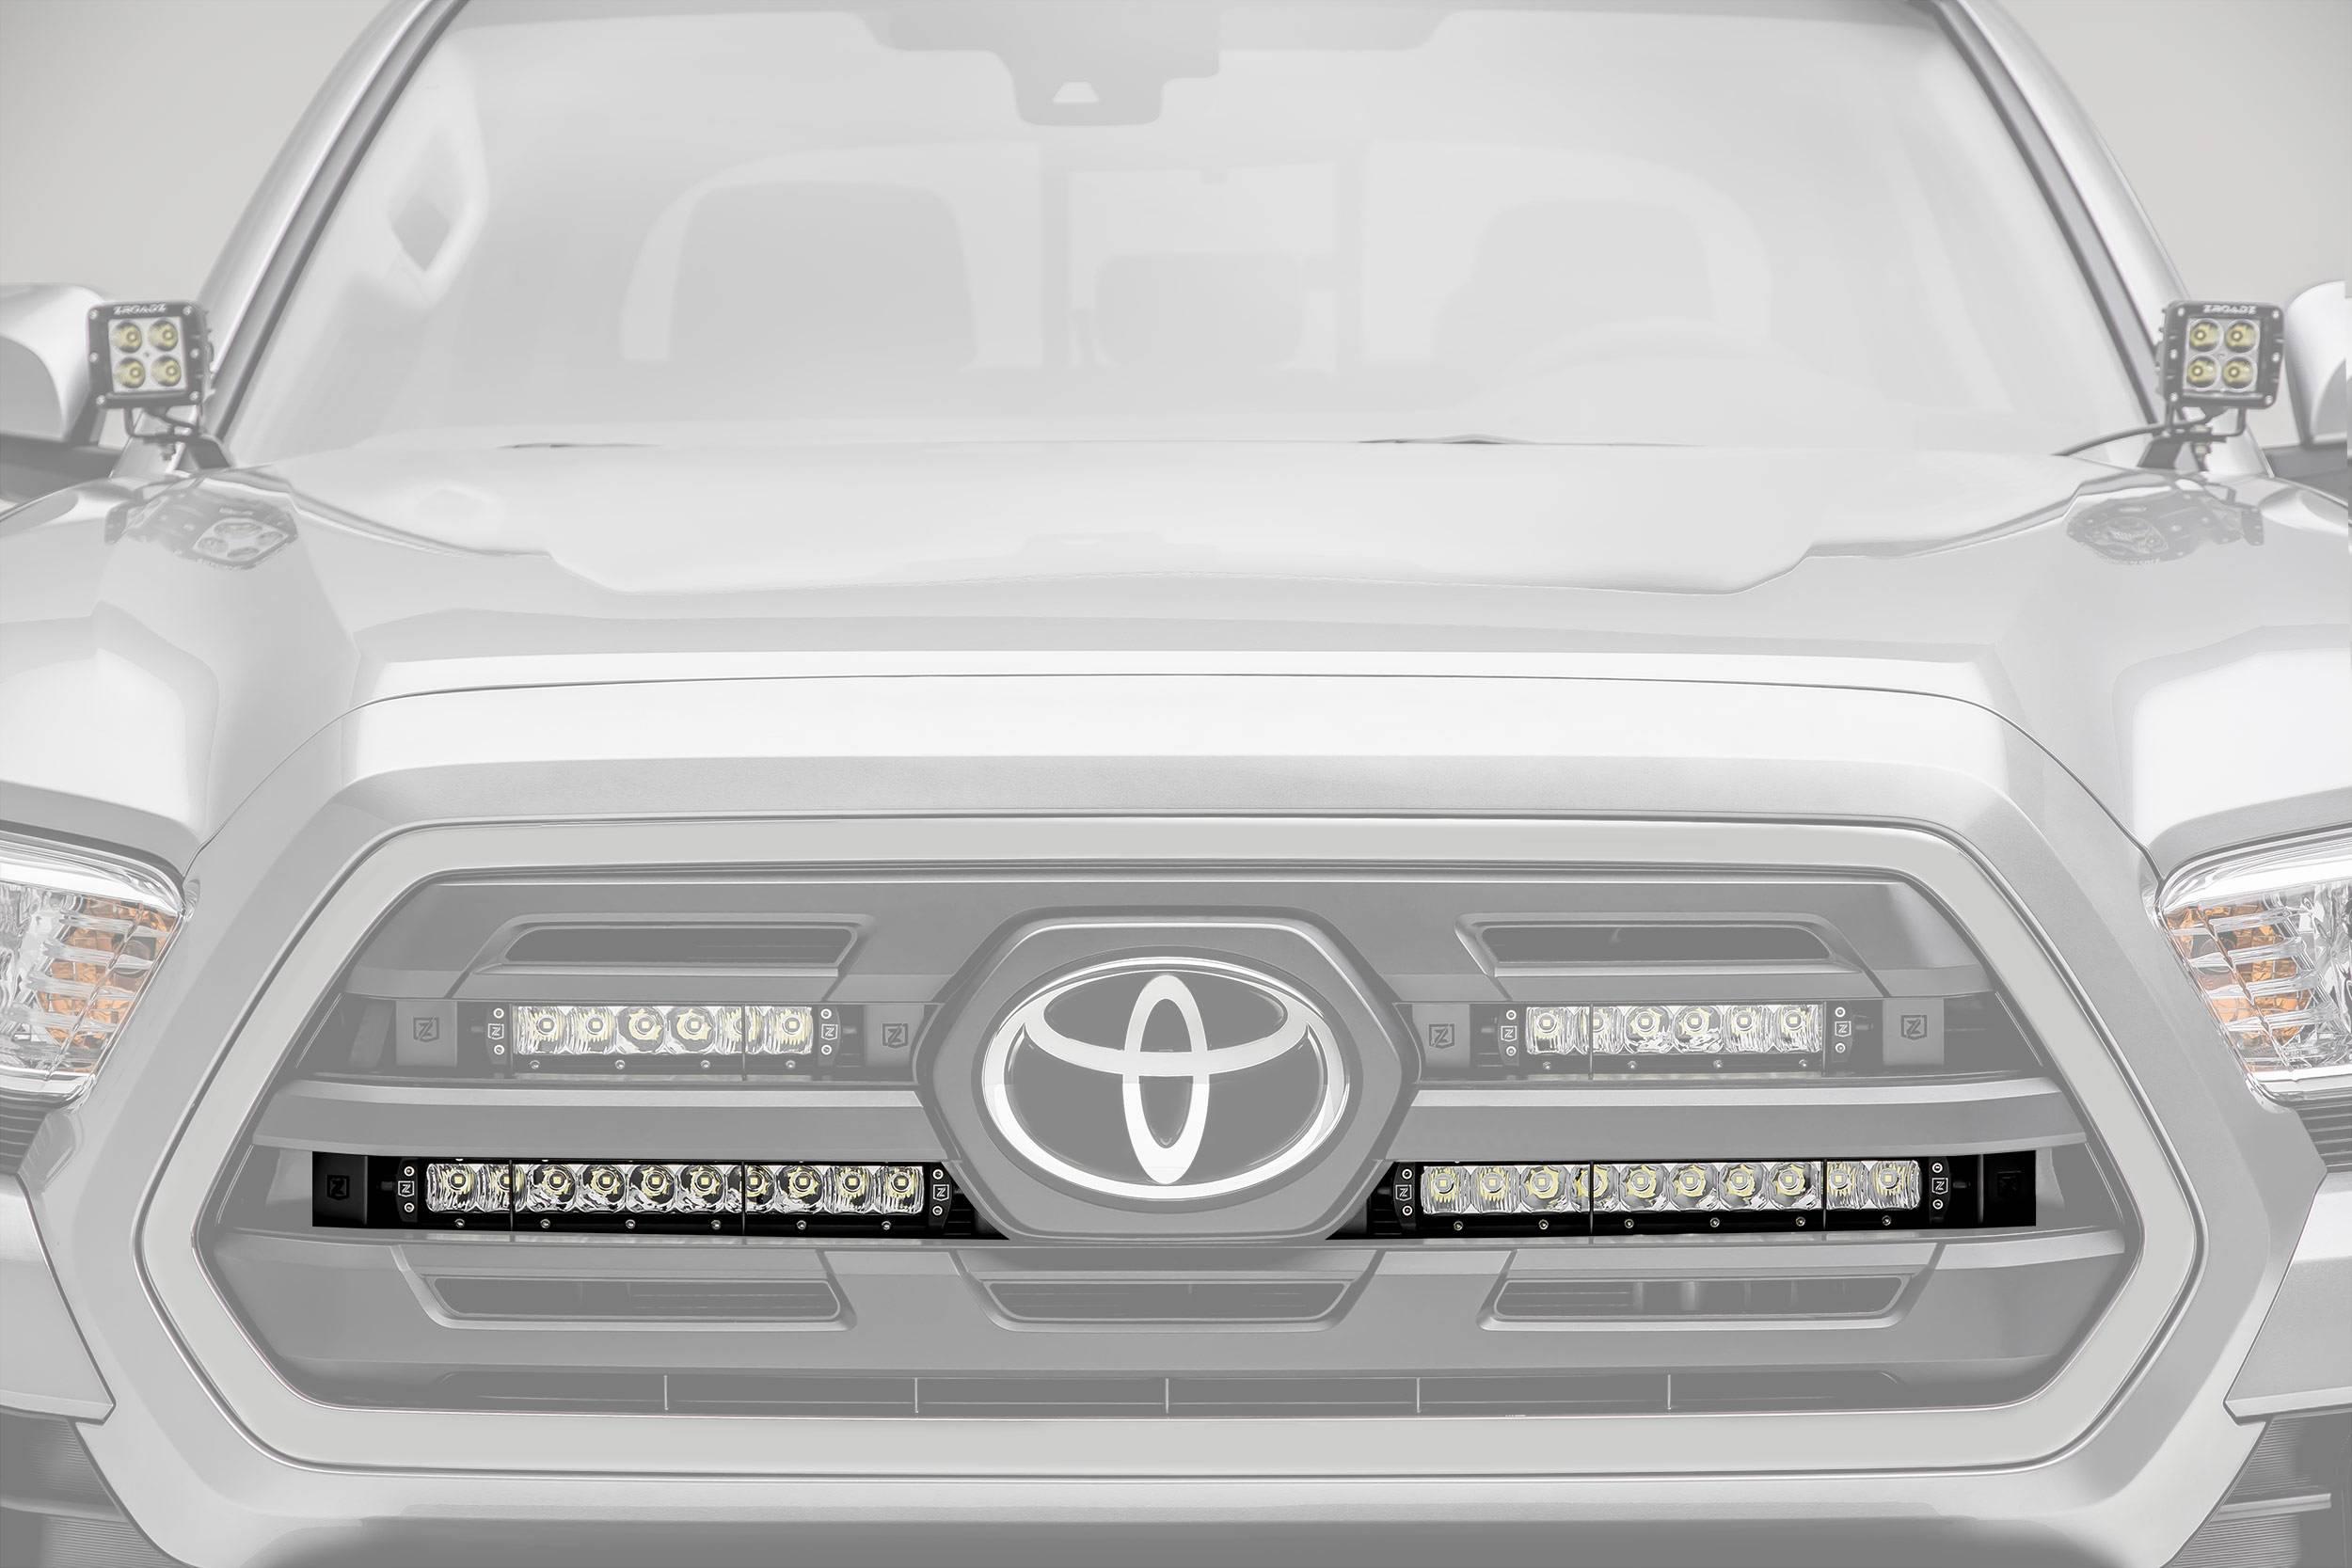 ZROADZ                                             - 2018-2019 Toyota Tacoma OEM Grille LED Kit, Incl. (2) 10 Inch LED Single Row Slim Light Bars - PN #Z419611-KIT